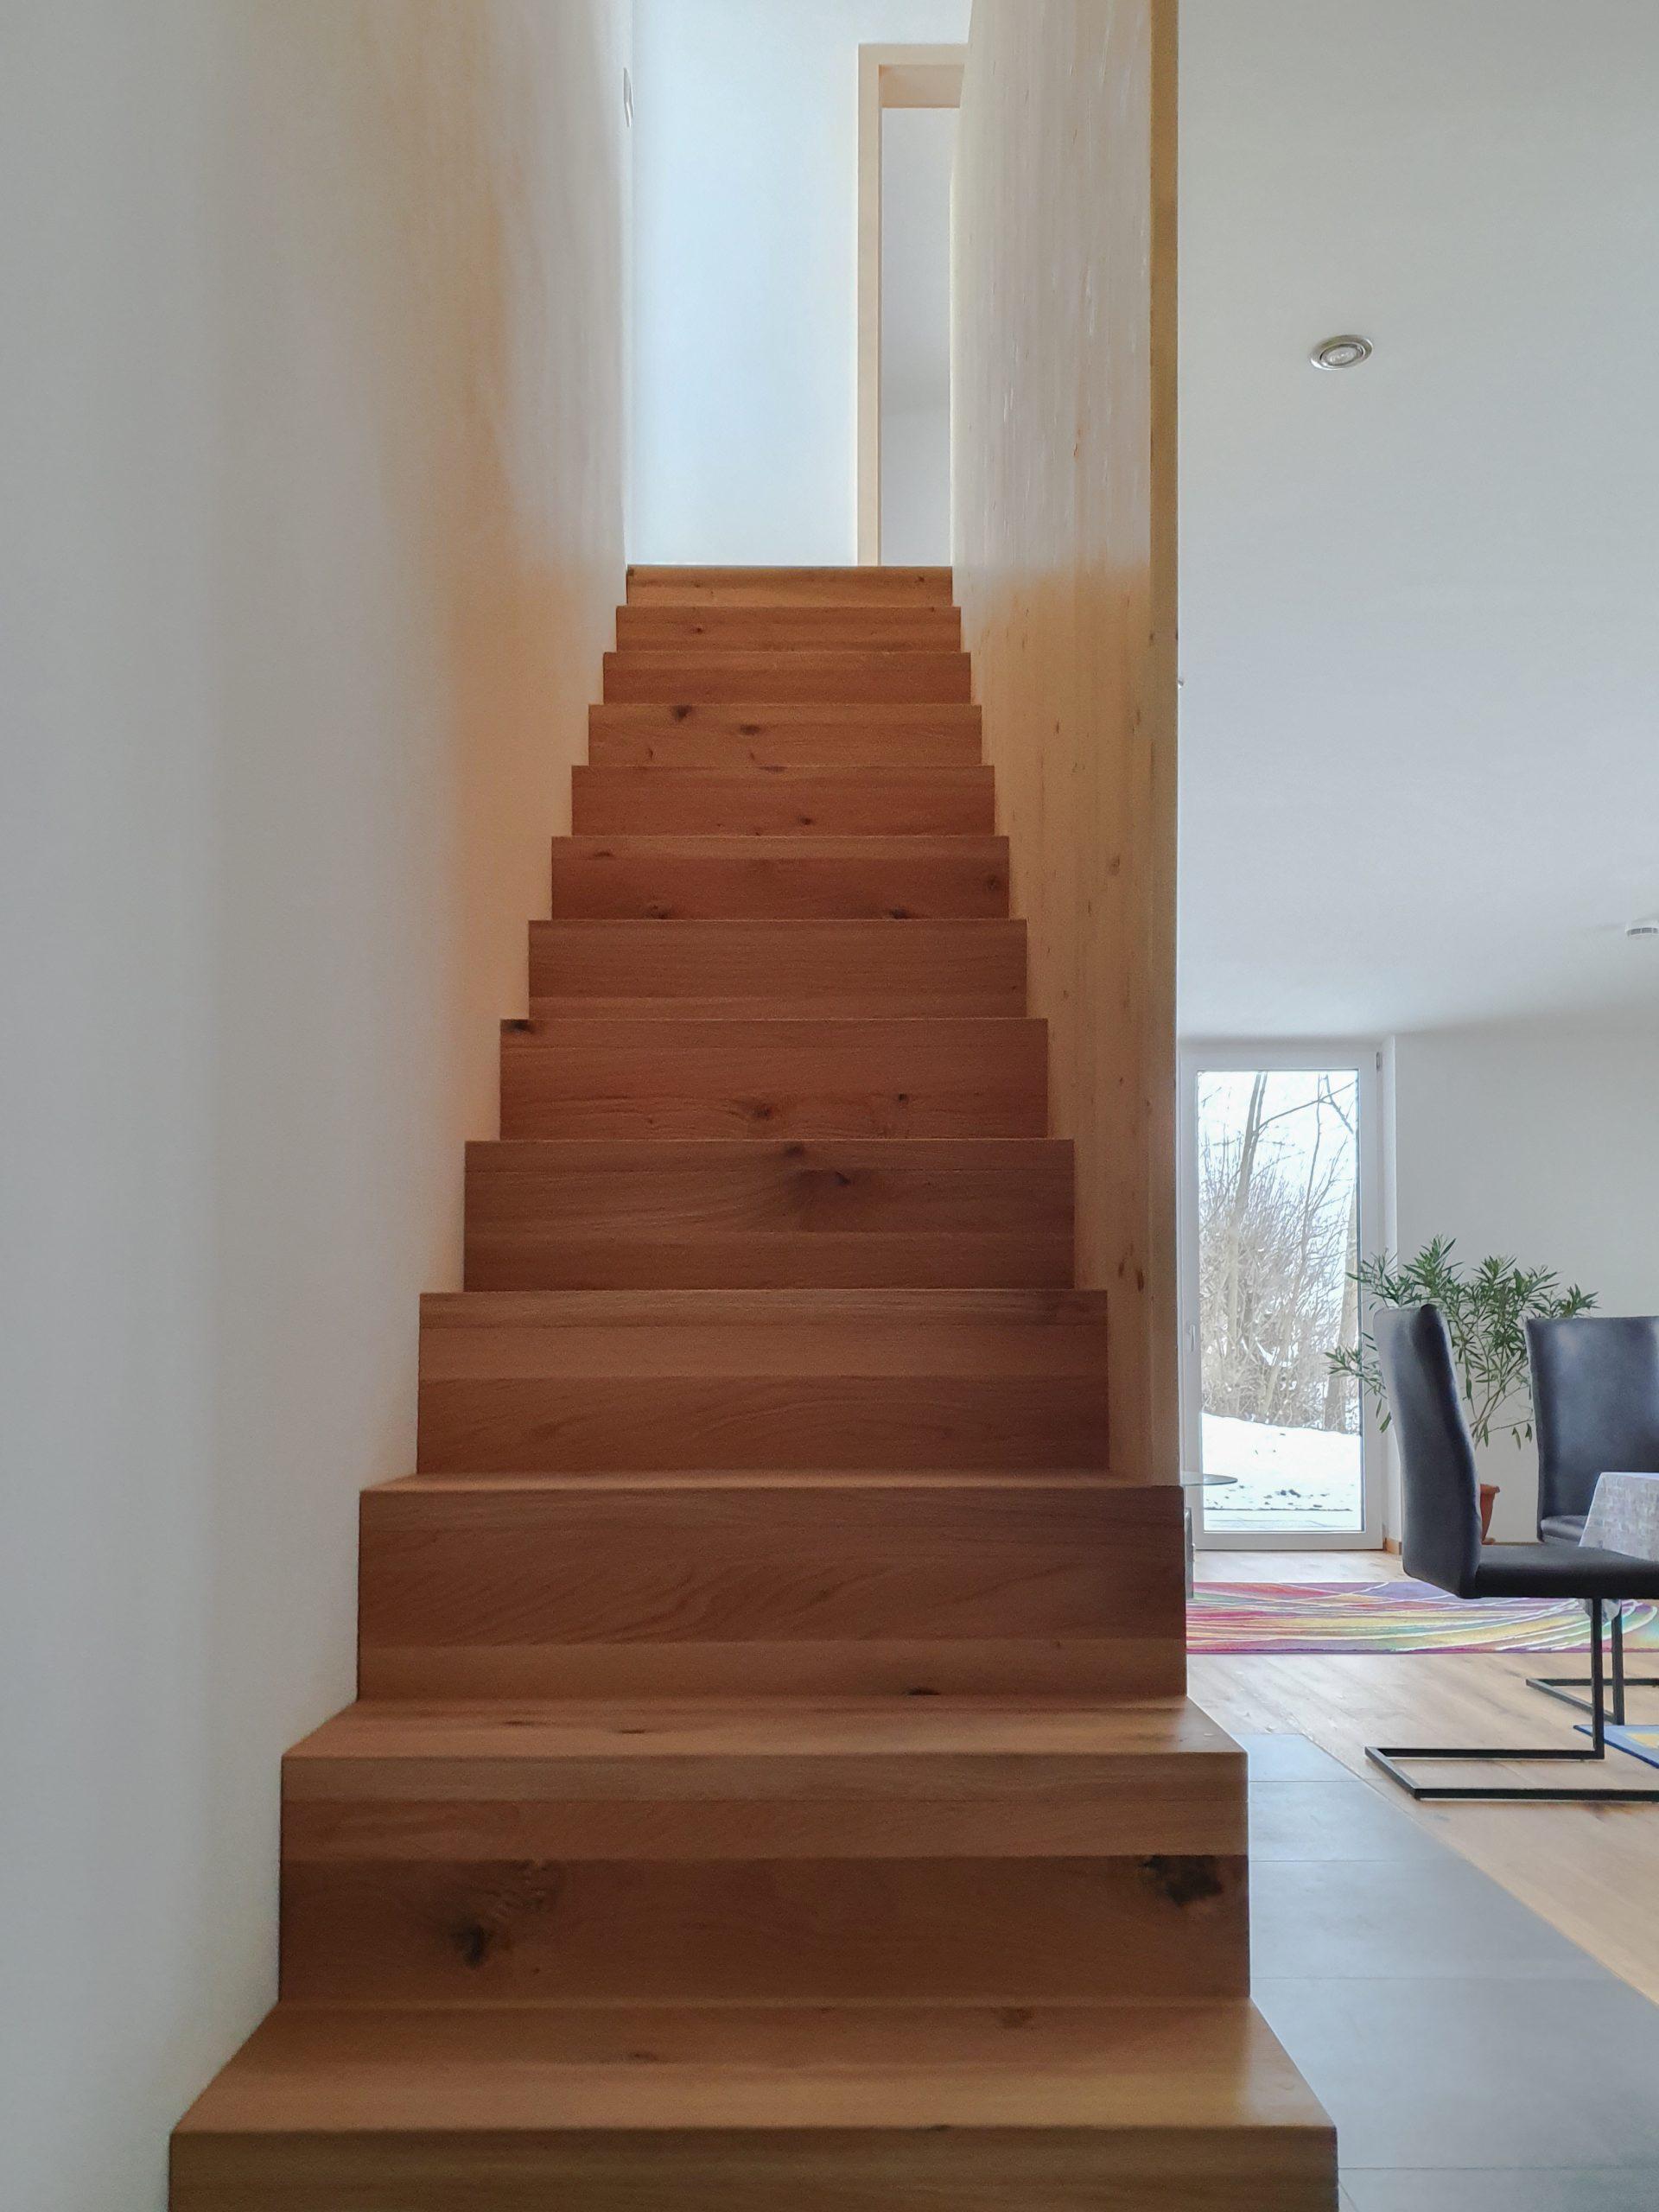 Architektur auf dem Land_Treppe_03